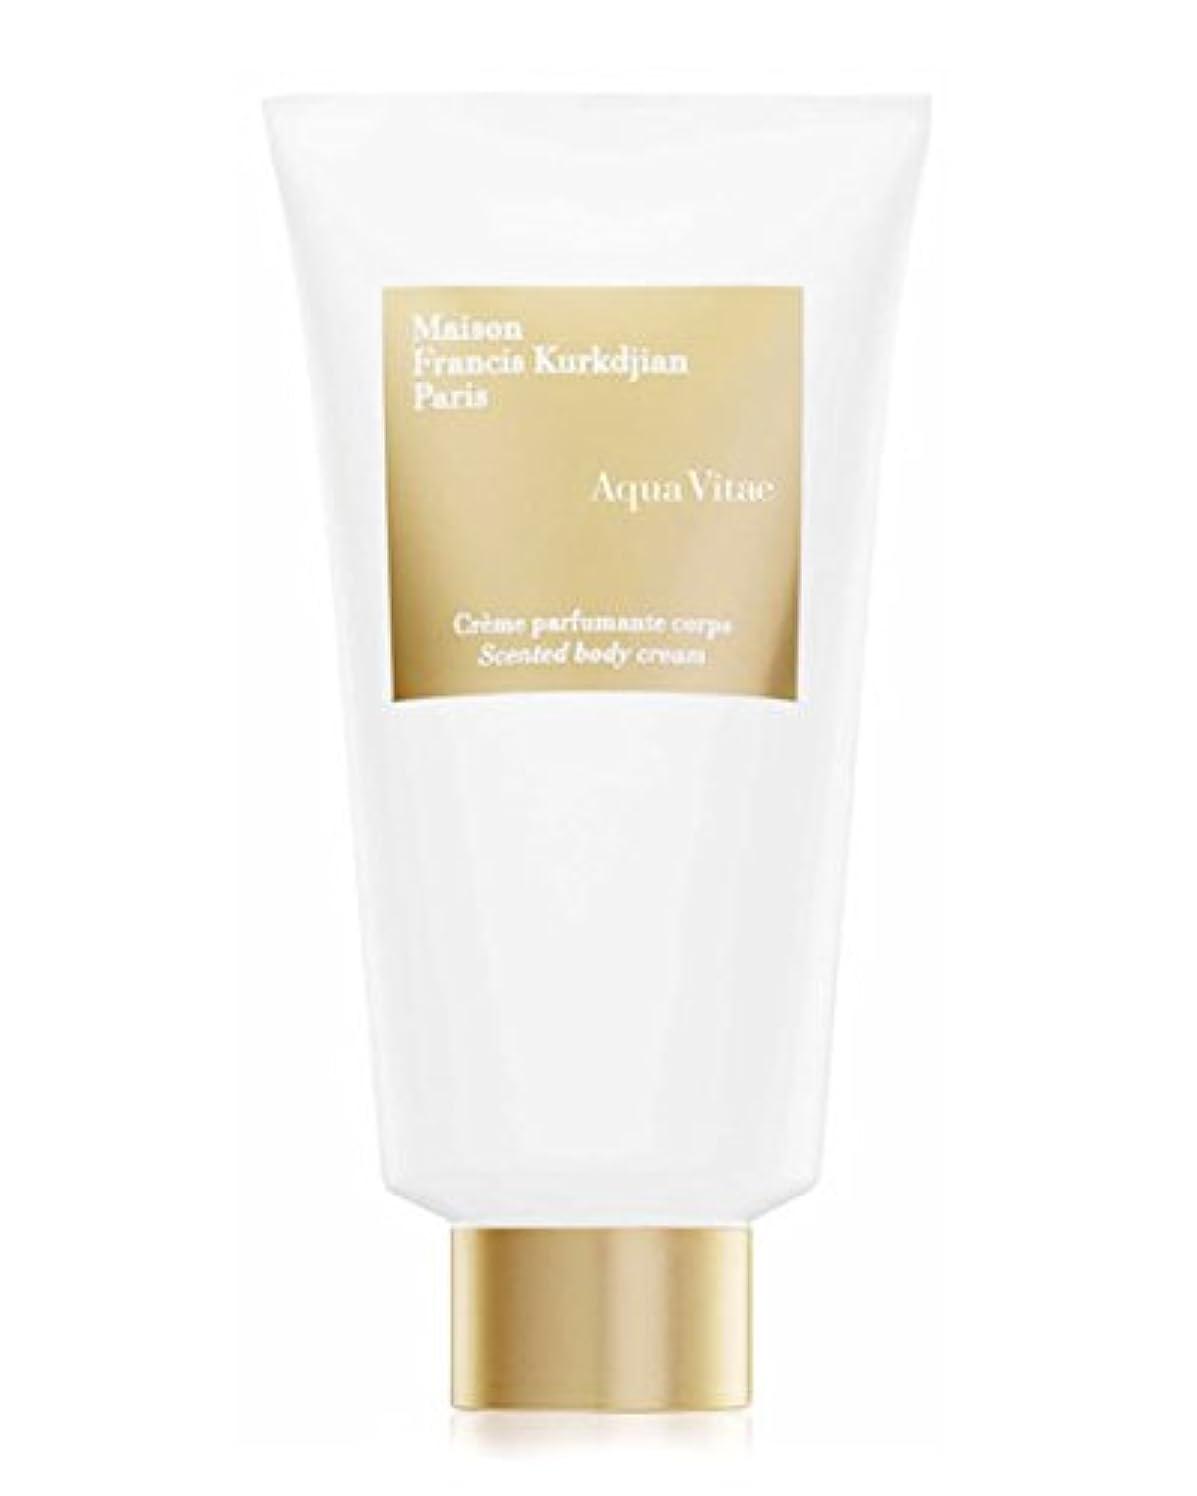 サイズ斧代名詞Maison Francis Kurkdjian Aqua Vitae (メゾン フランシス クルジャン アクア ビタエ) 5.0 oz (150ml) Scented body cream